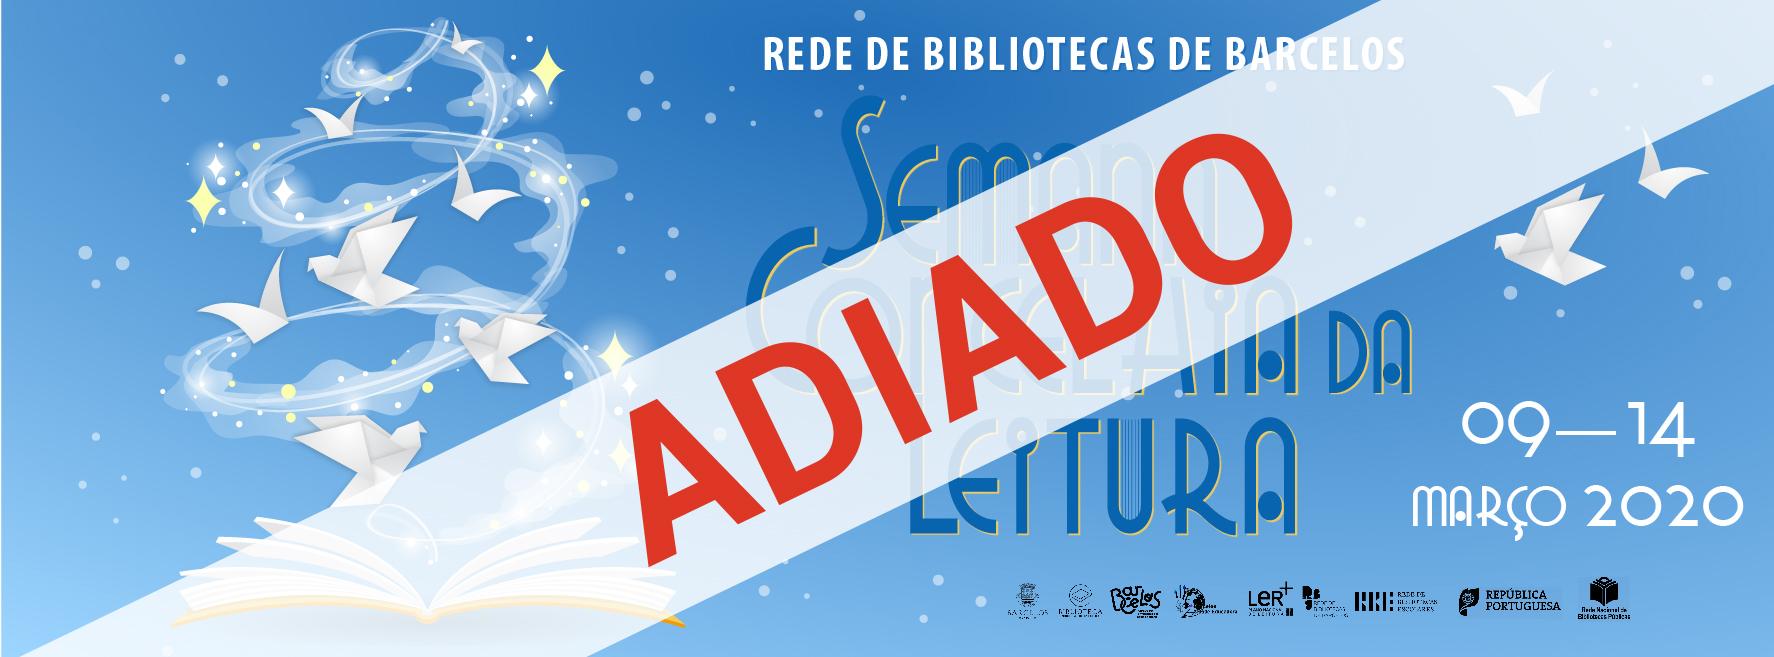 Semana Concelhia da Leitura decorre entre 9 e 14 de março na Biblioteca Municipal e nas Bibliotecas Escolares